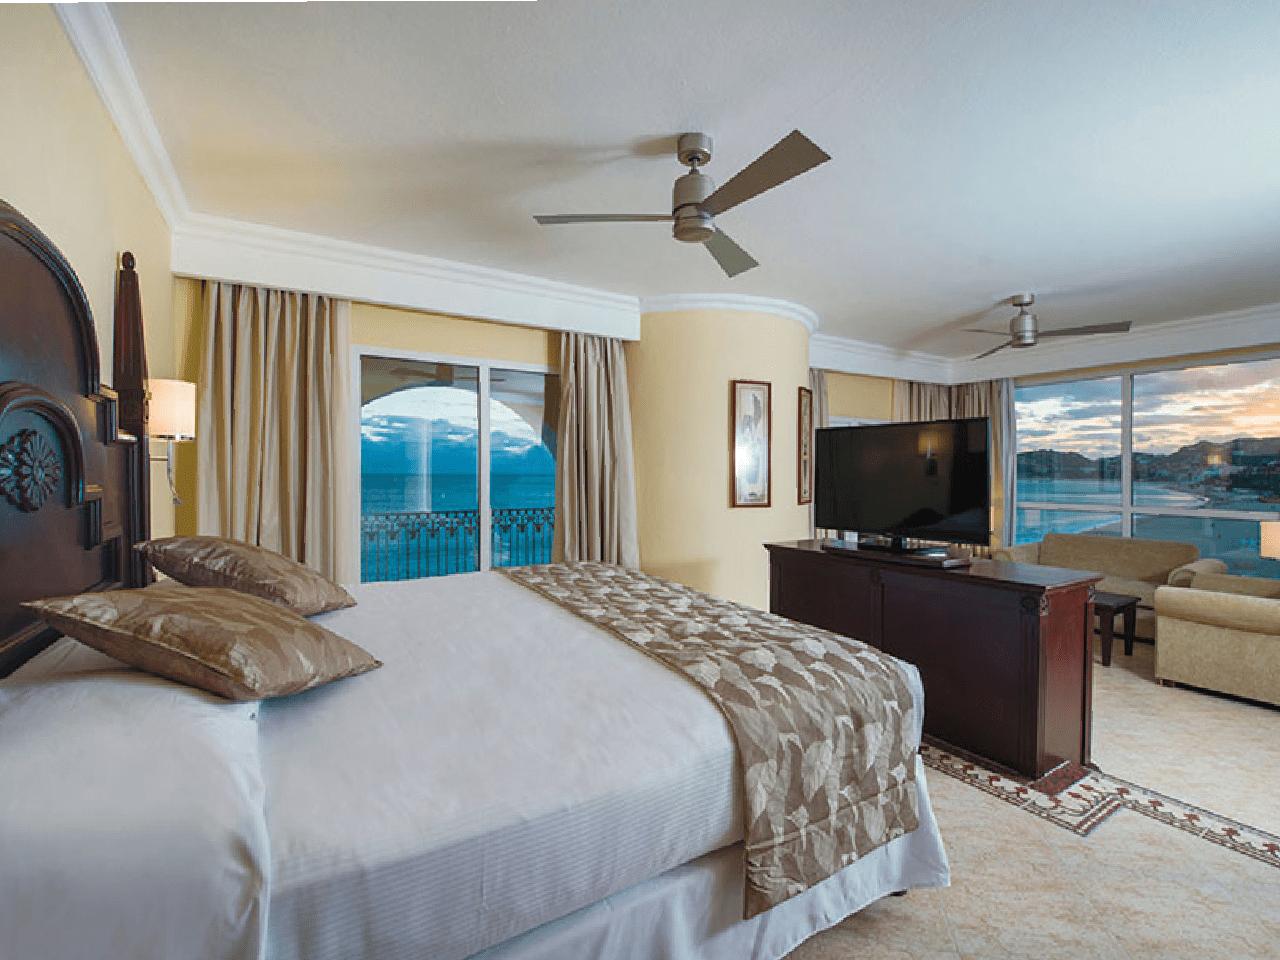 Bodas en la playa - habitación de hotel